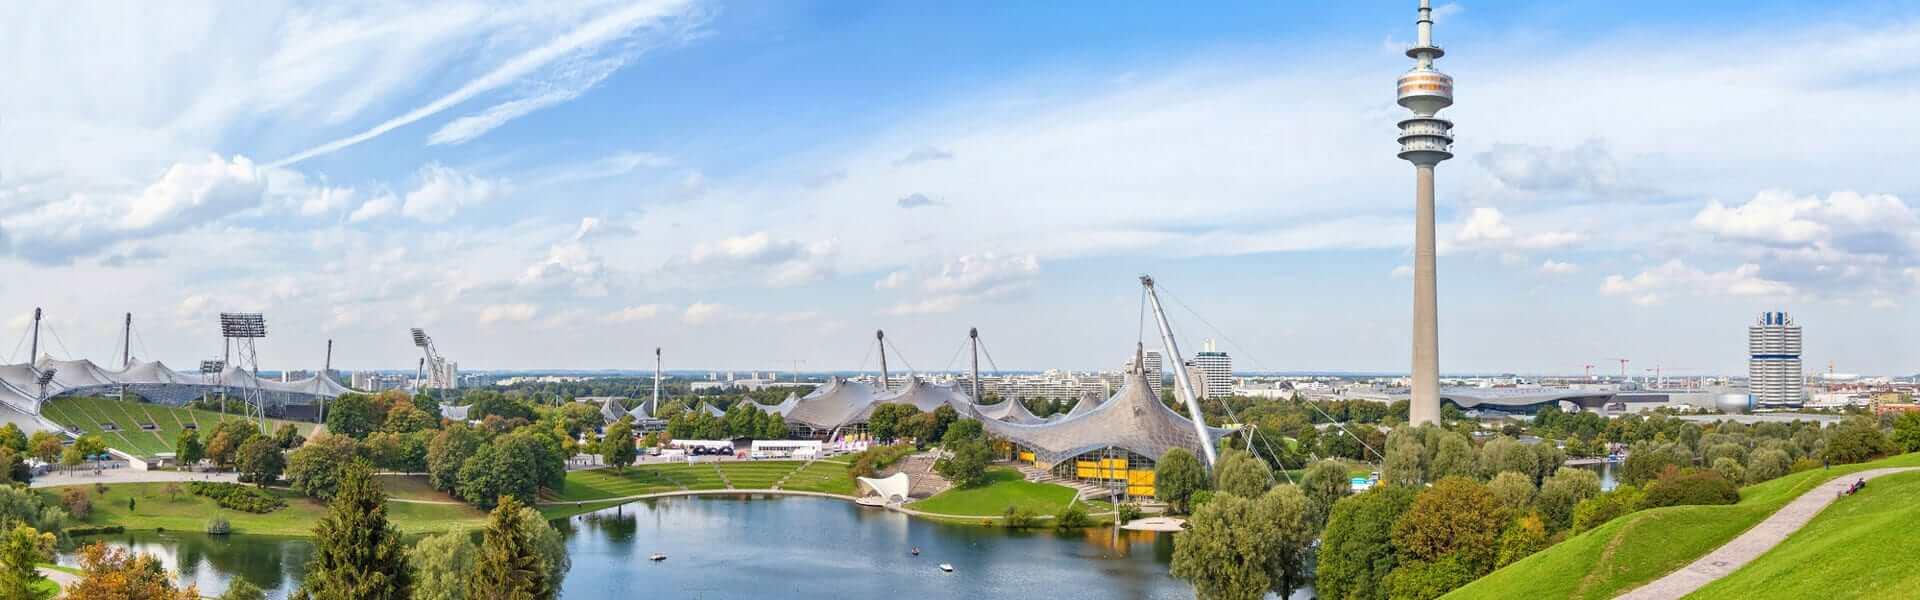 München als Ziel für die Firmenreise oder den Betriebsausflug mit b-ceed